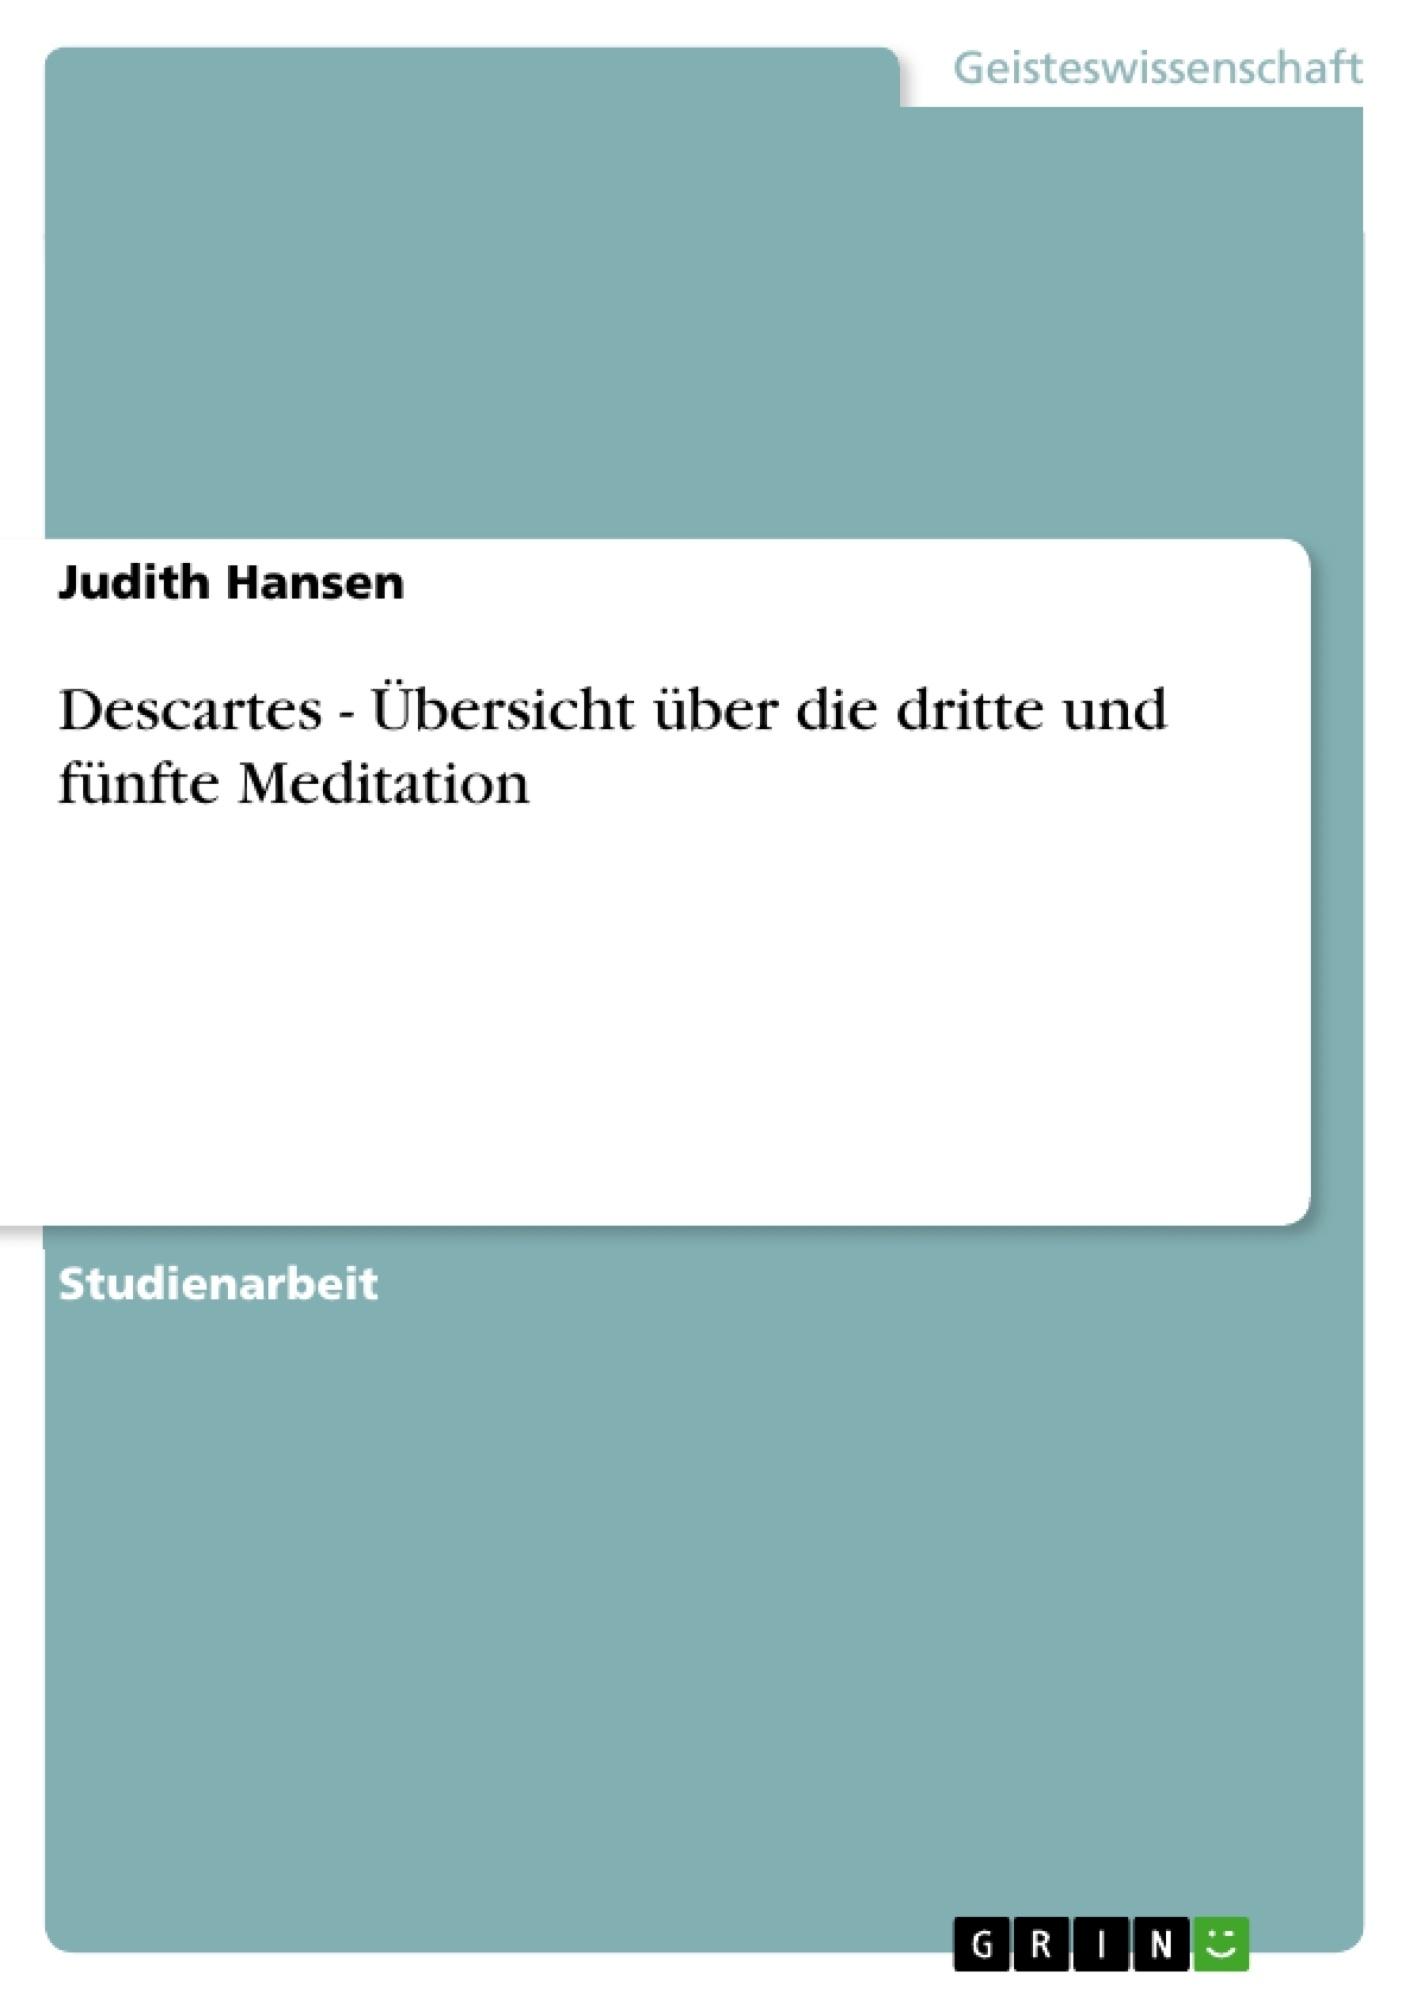 Titel: Descartes - Übersicht über die dritte und fünfte Meditation